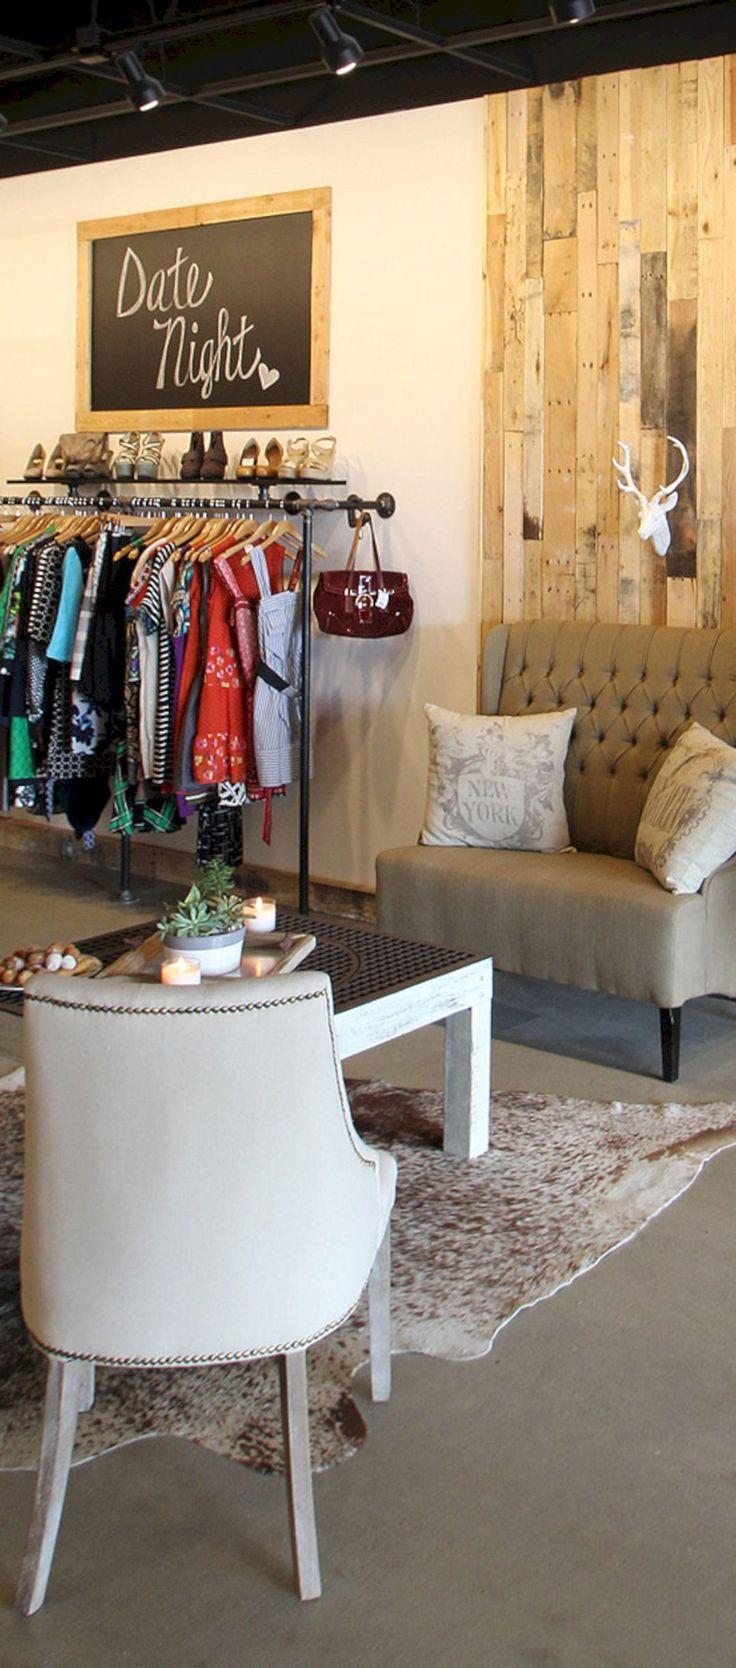 Best 25+ Boutique interior design ideas on Pinterest | Boutique ...